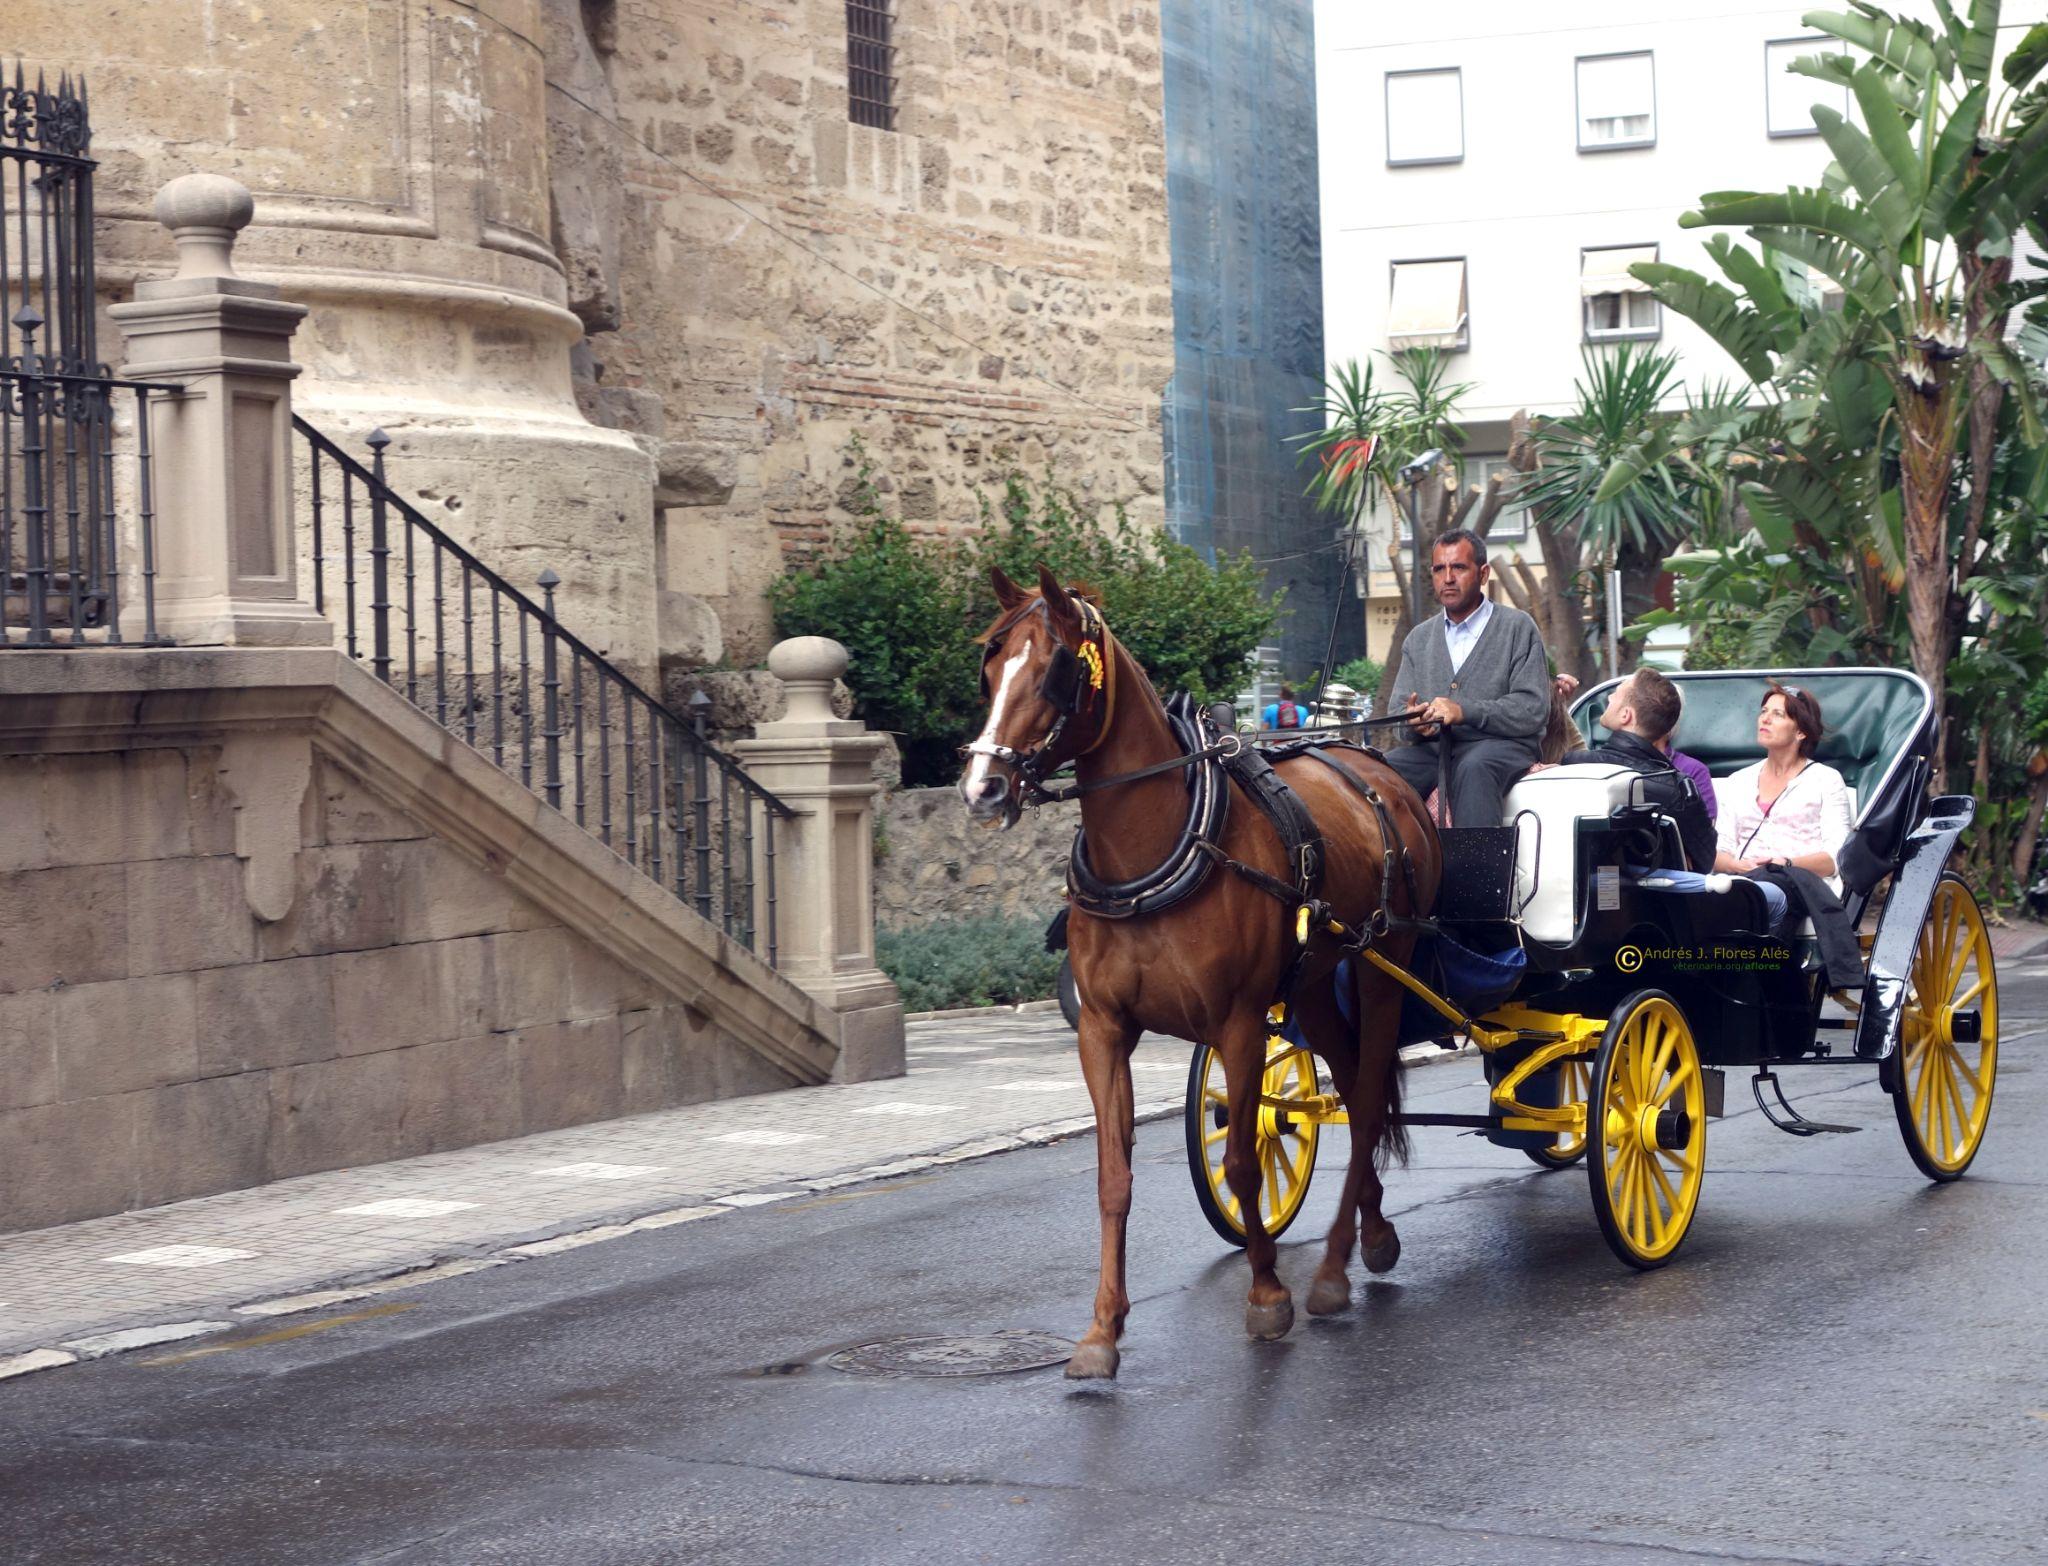 Paseo en coche de caballo by Andrés J. Flores Alés Veterinario